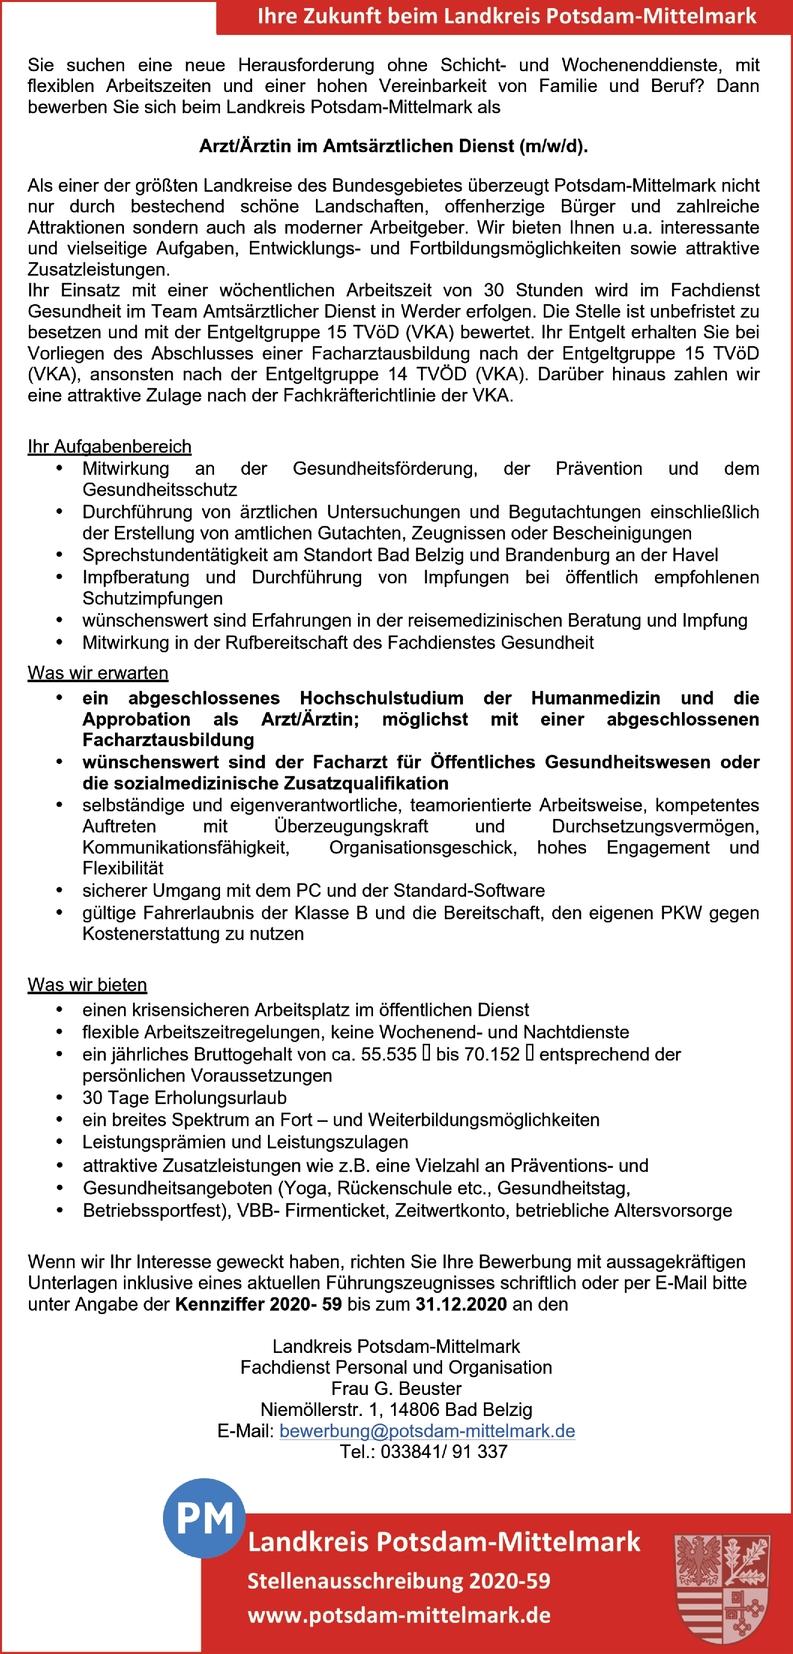 Facharzt/-ärztin - Öffentliches Gesundheitswesen